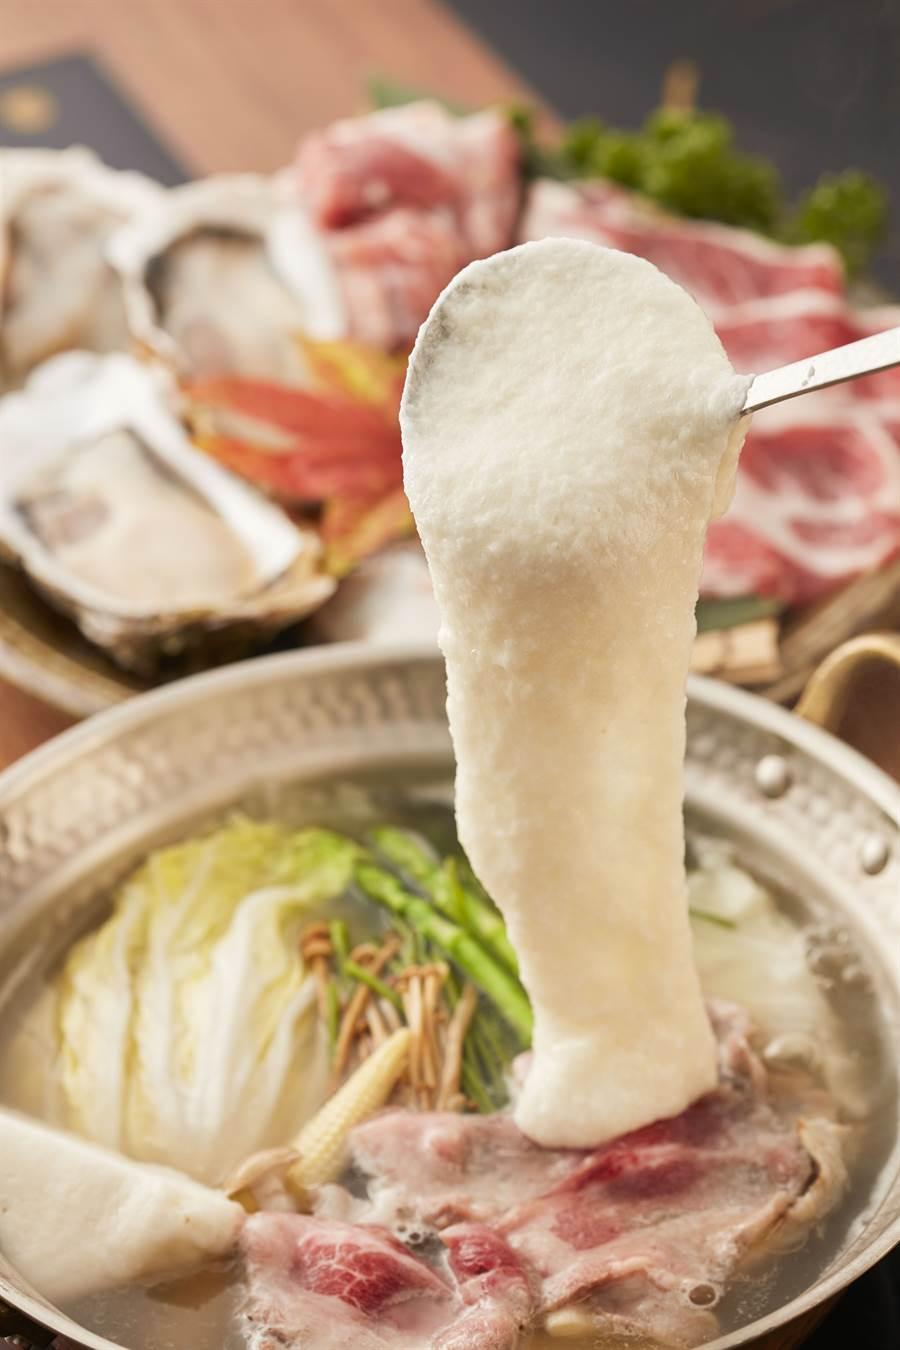 大和芋是日本黏性最高且味道最濃郁的頂級山藥,加上秋天正是盛產季節,並搭配來自瀨戶內產的牡蠣一同烹煮,口感絕佳。